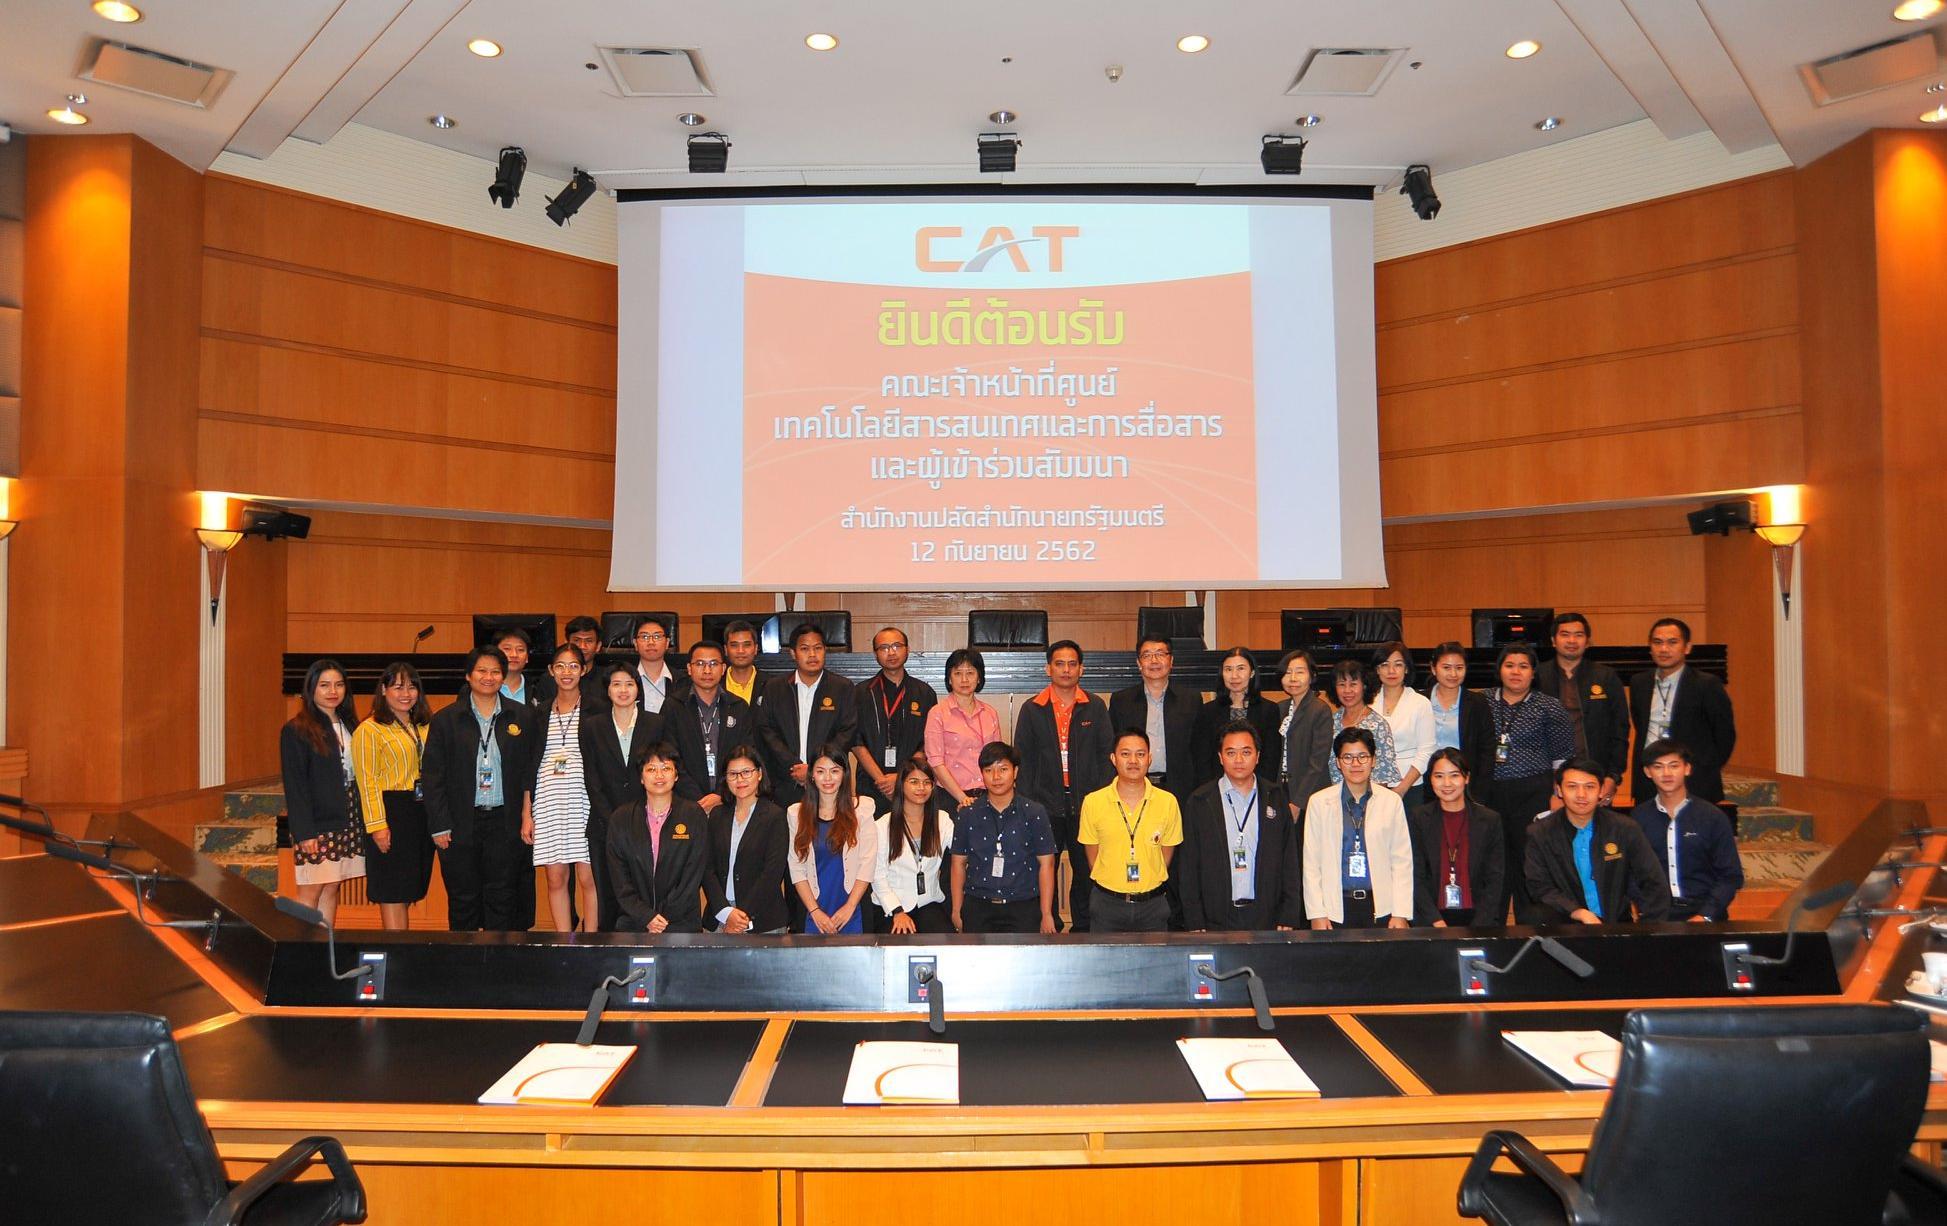 สำนักงานปลัดสำนักนายกรัฐมนตรี เข้าเยี่ยมชมและศึกษาดูงาน CAT IDC พร้อมรับฟังบรรยายสรุปเรื่อง GDCC ระบบคลาวด์กลางภาครัฐ